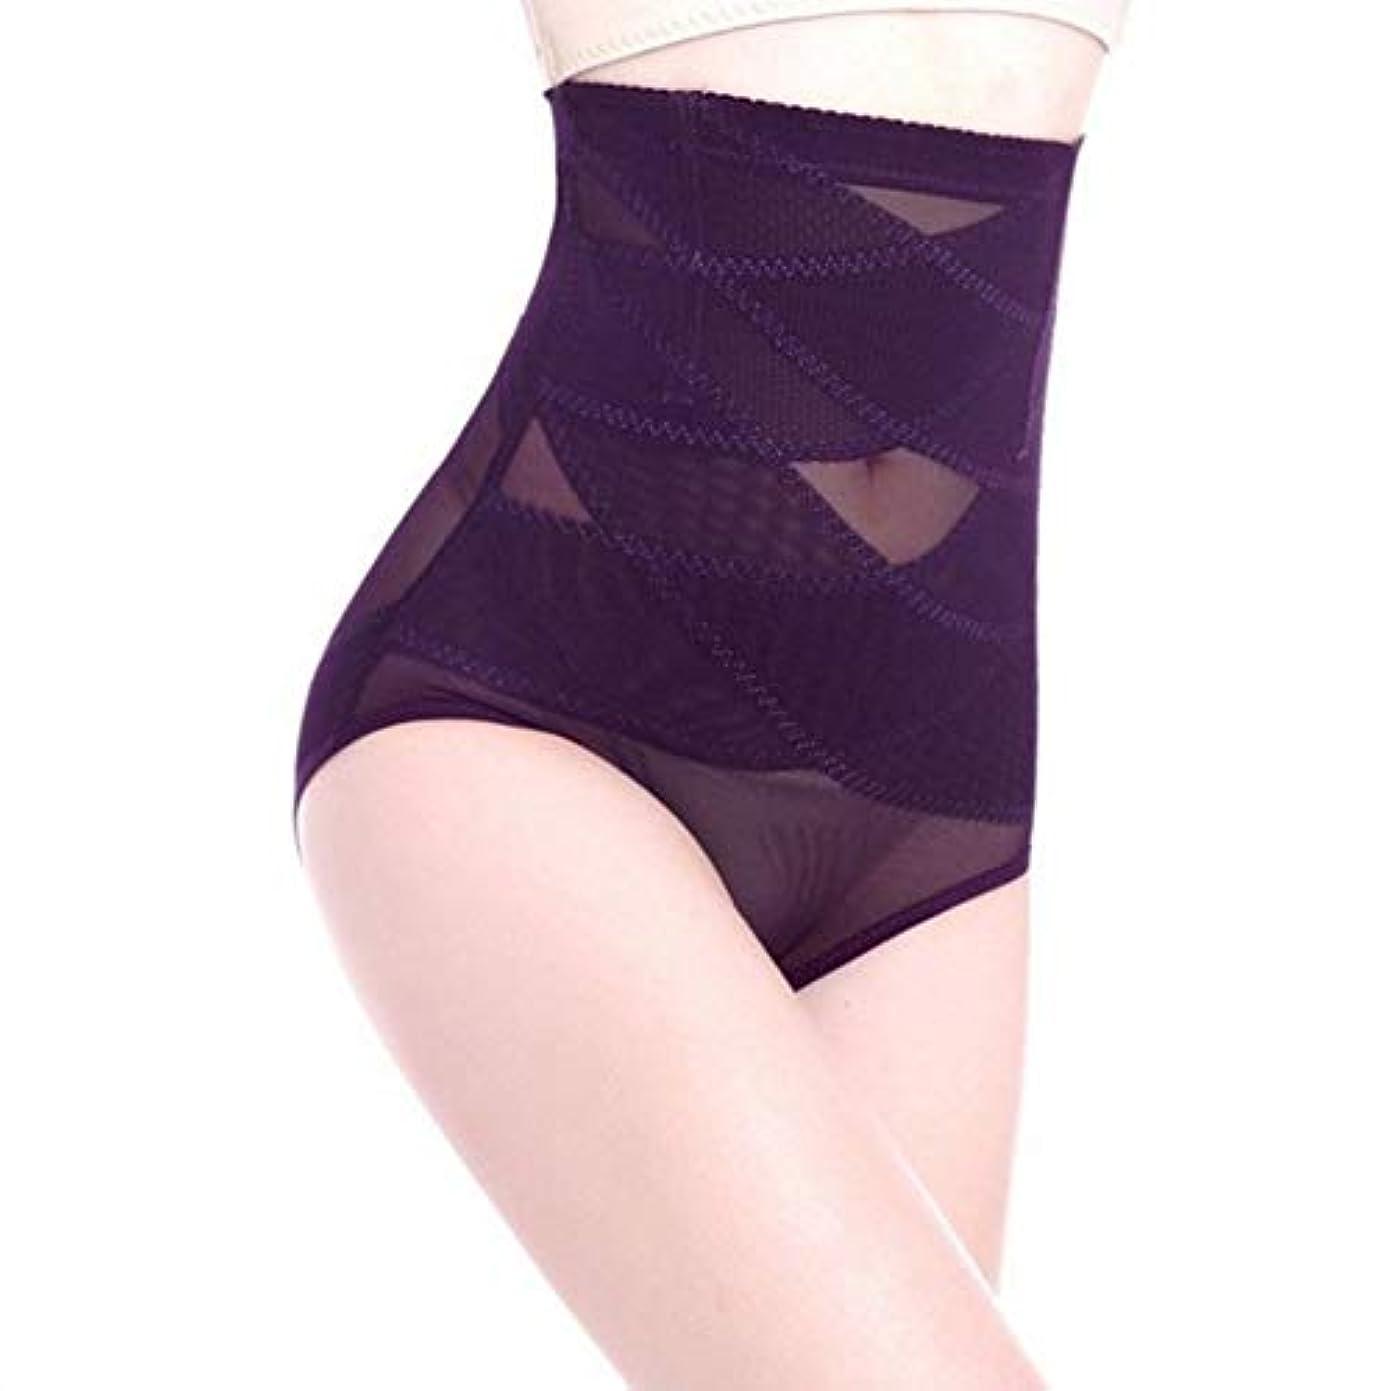 系統的愛情残り通気性のあるハイウエスト女性痩身腹部コントロール下着シームレスおなかコントロールパンティーバットリフターボディシェイパー - パープル3 XL